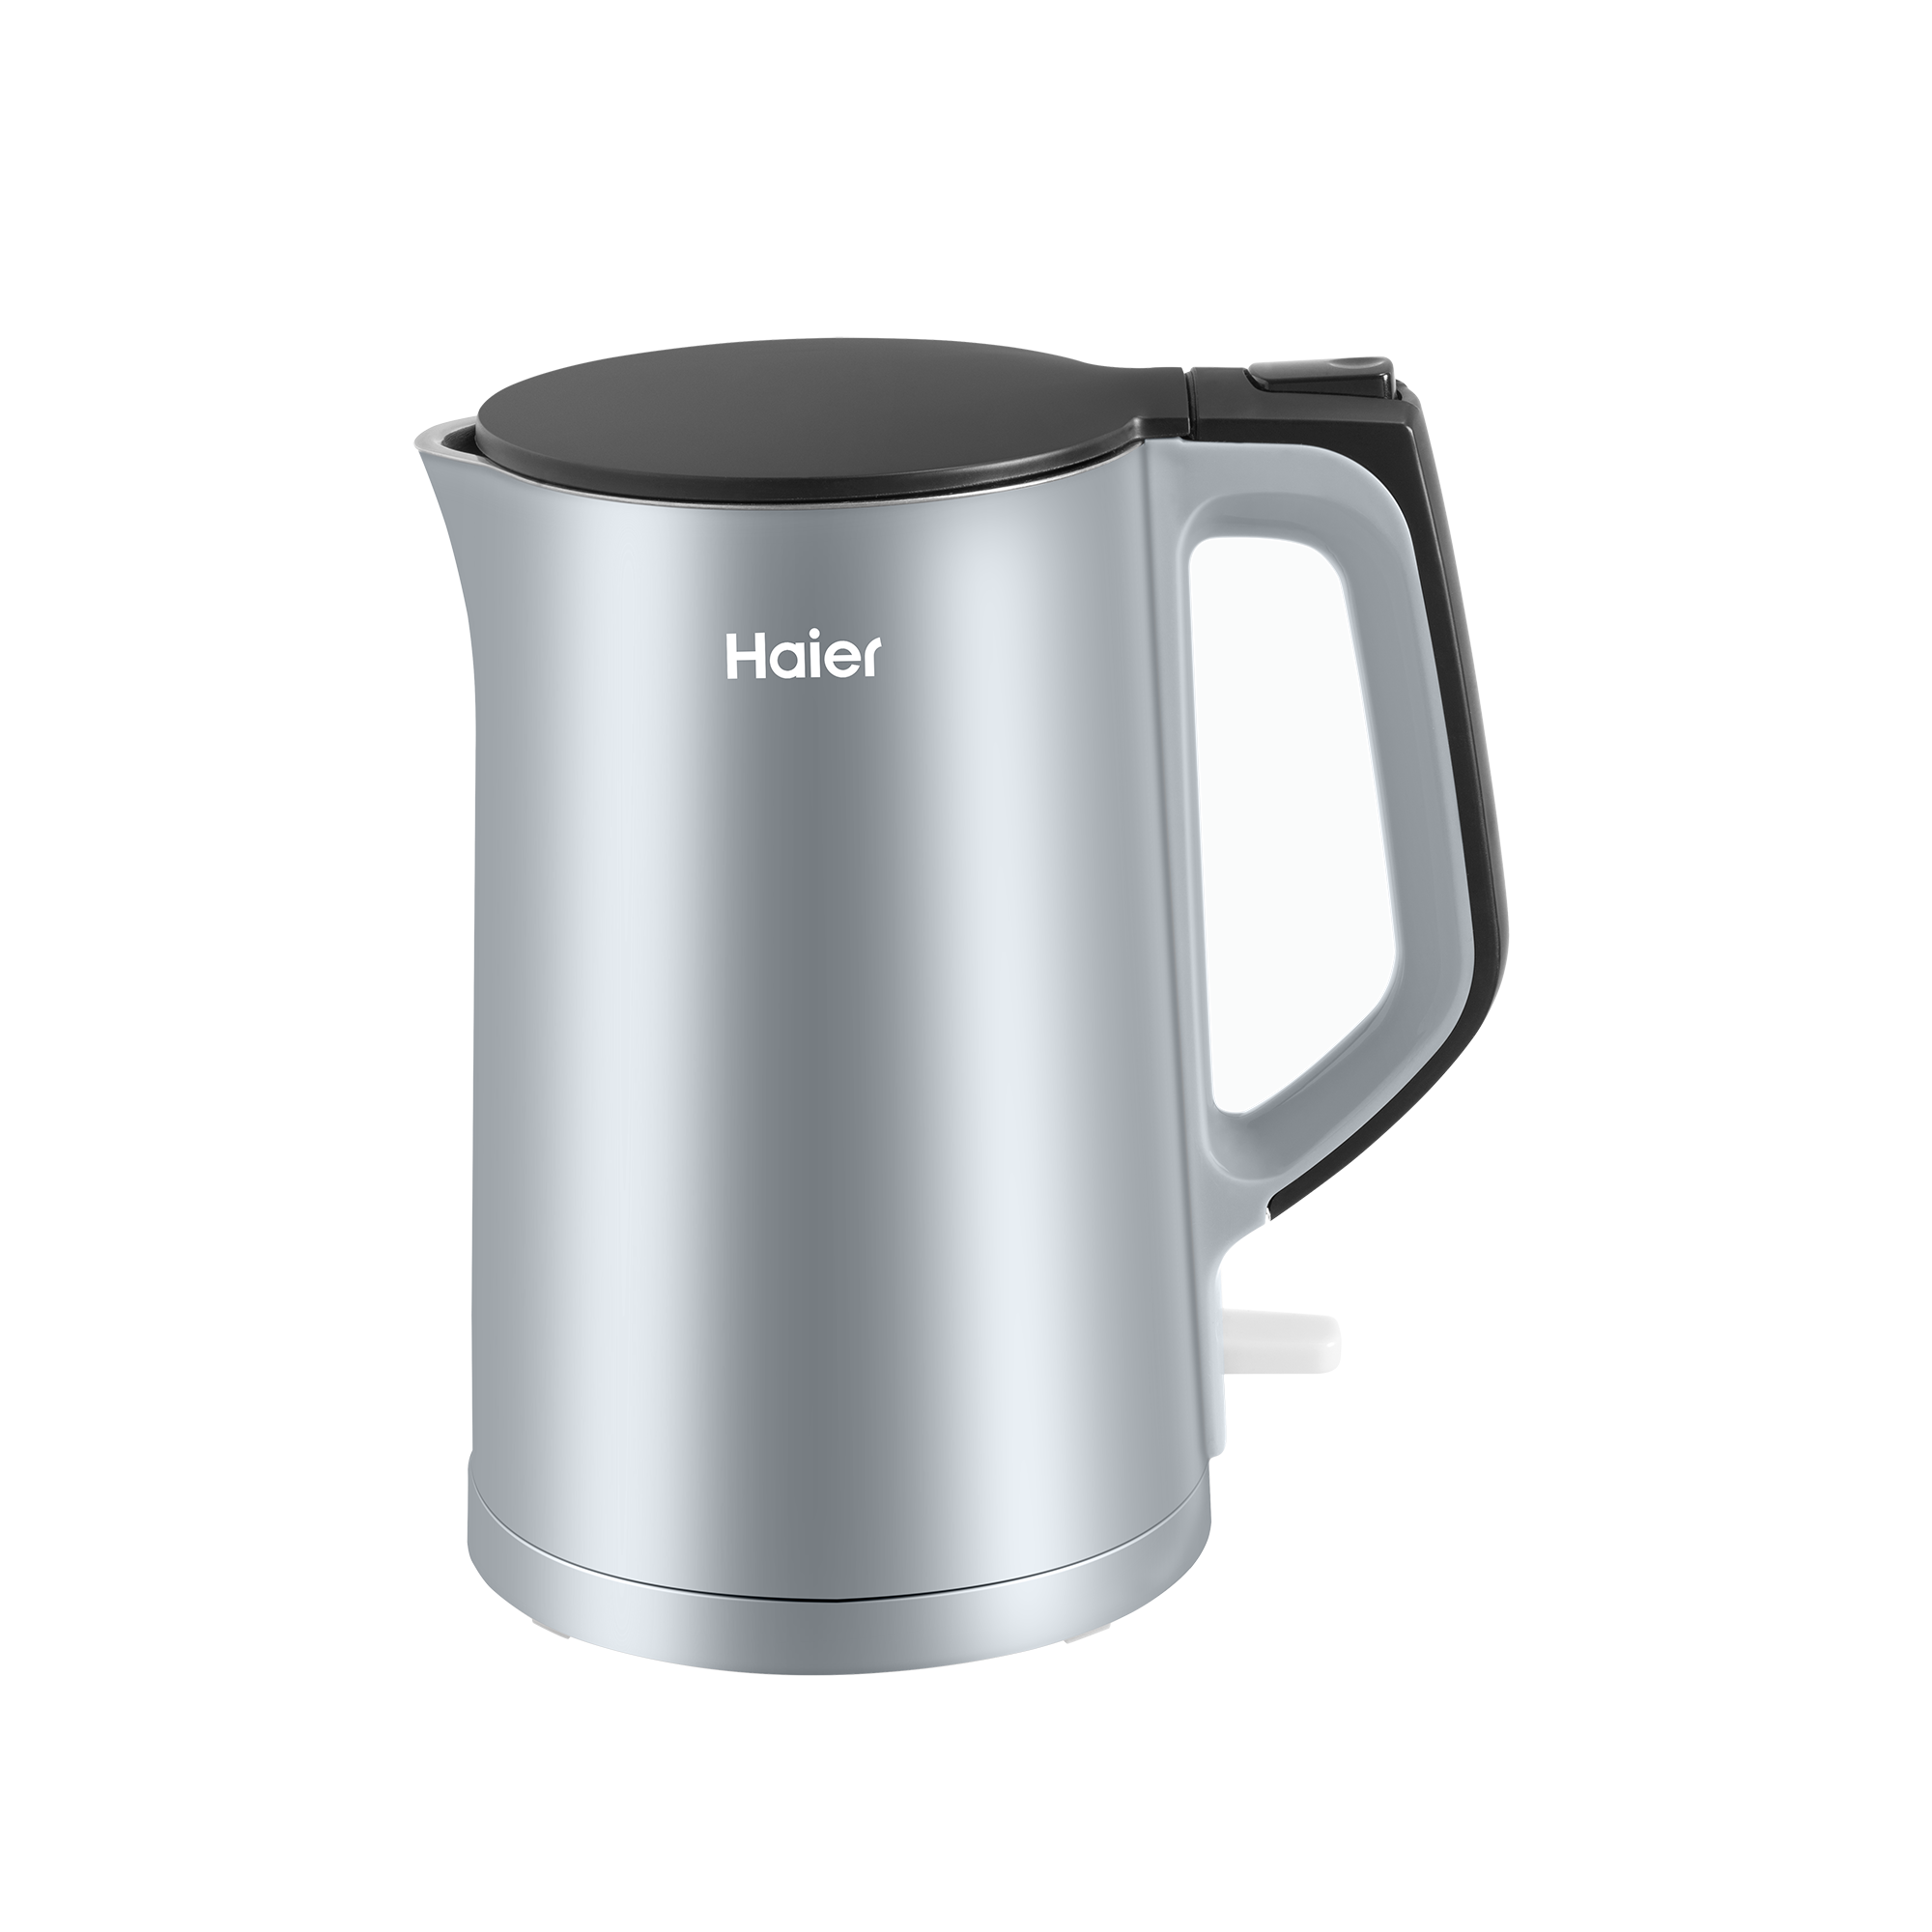 海尔电热水壶家用304不锈钢正品大容量烧水壶自动断电保温开水煲